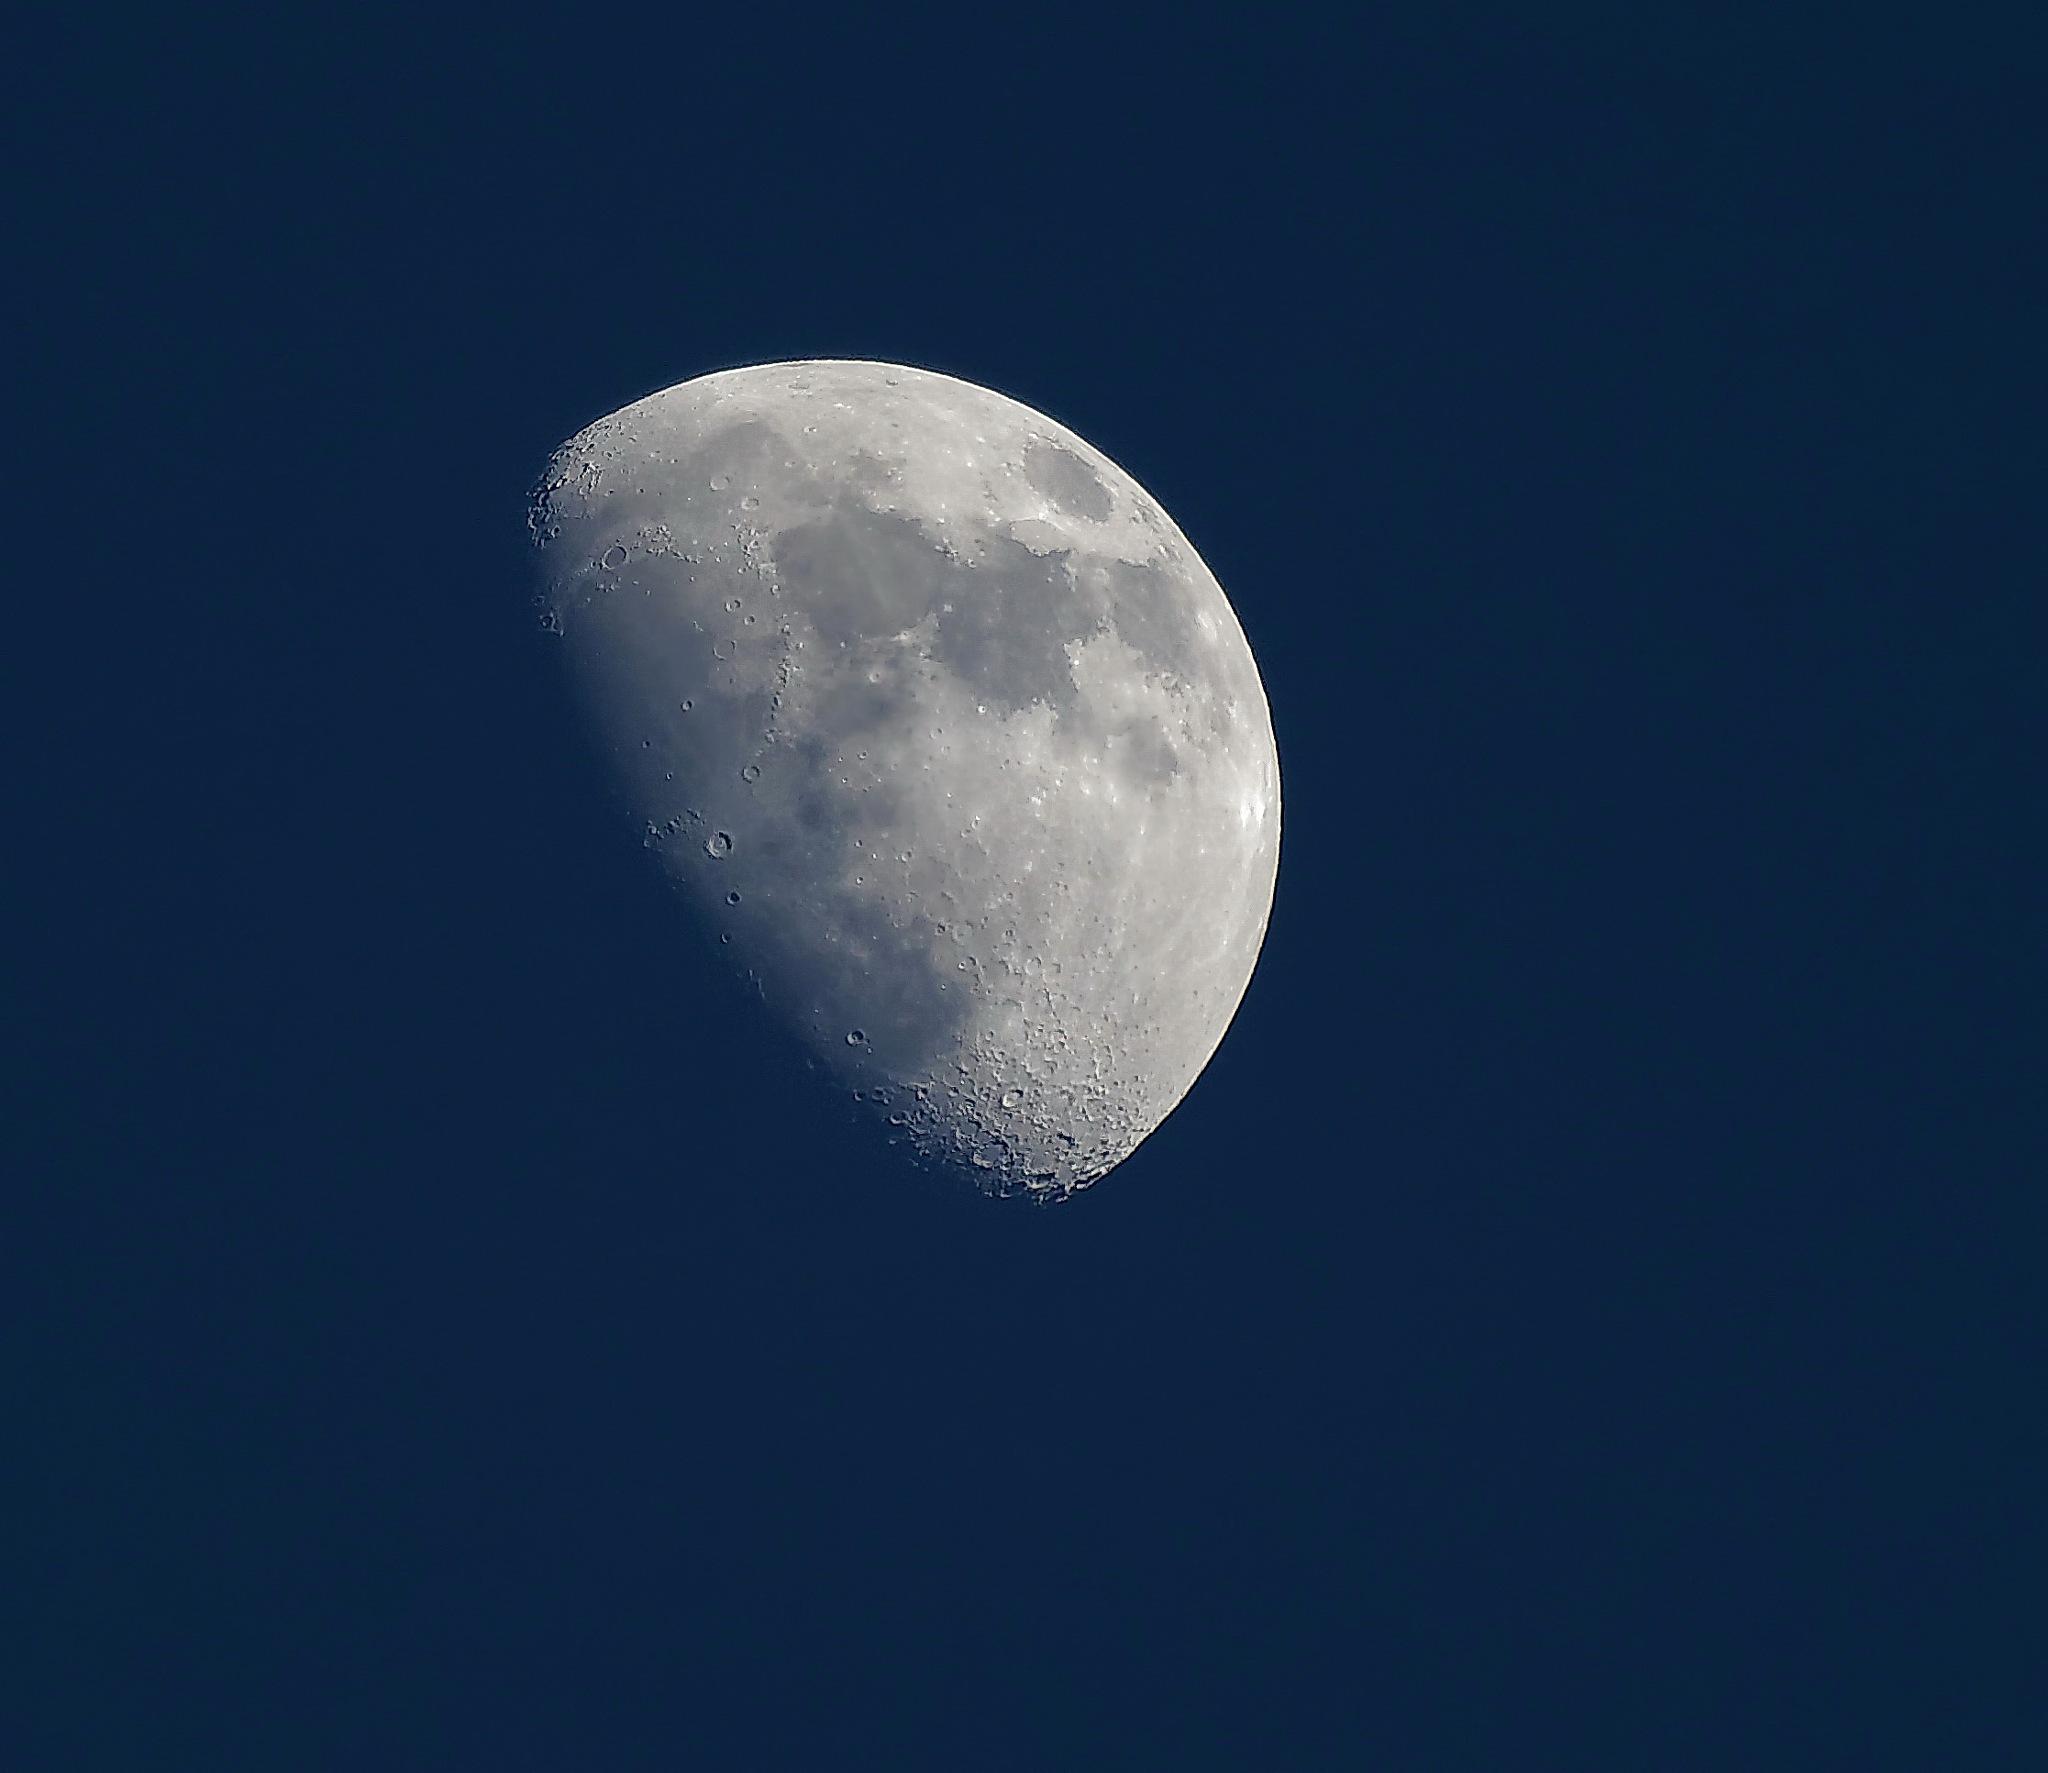 La Lune à l'heure bleue. by BernardSerge